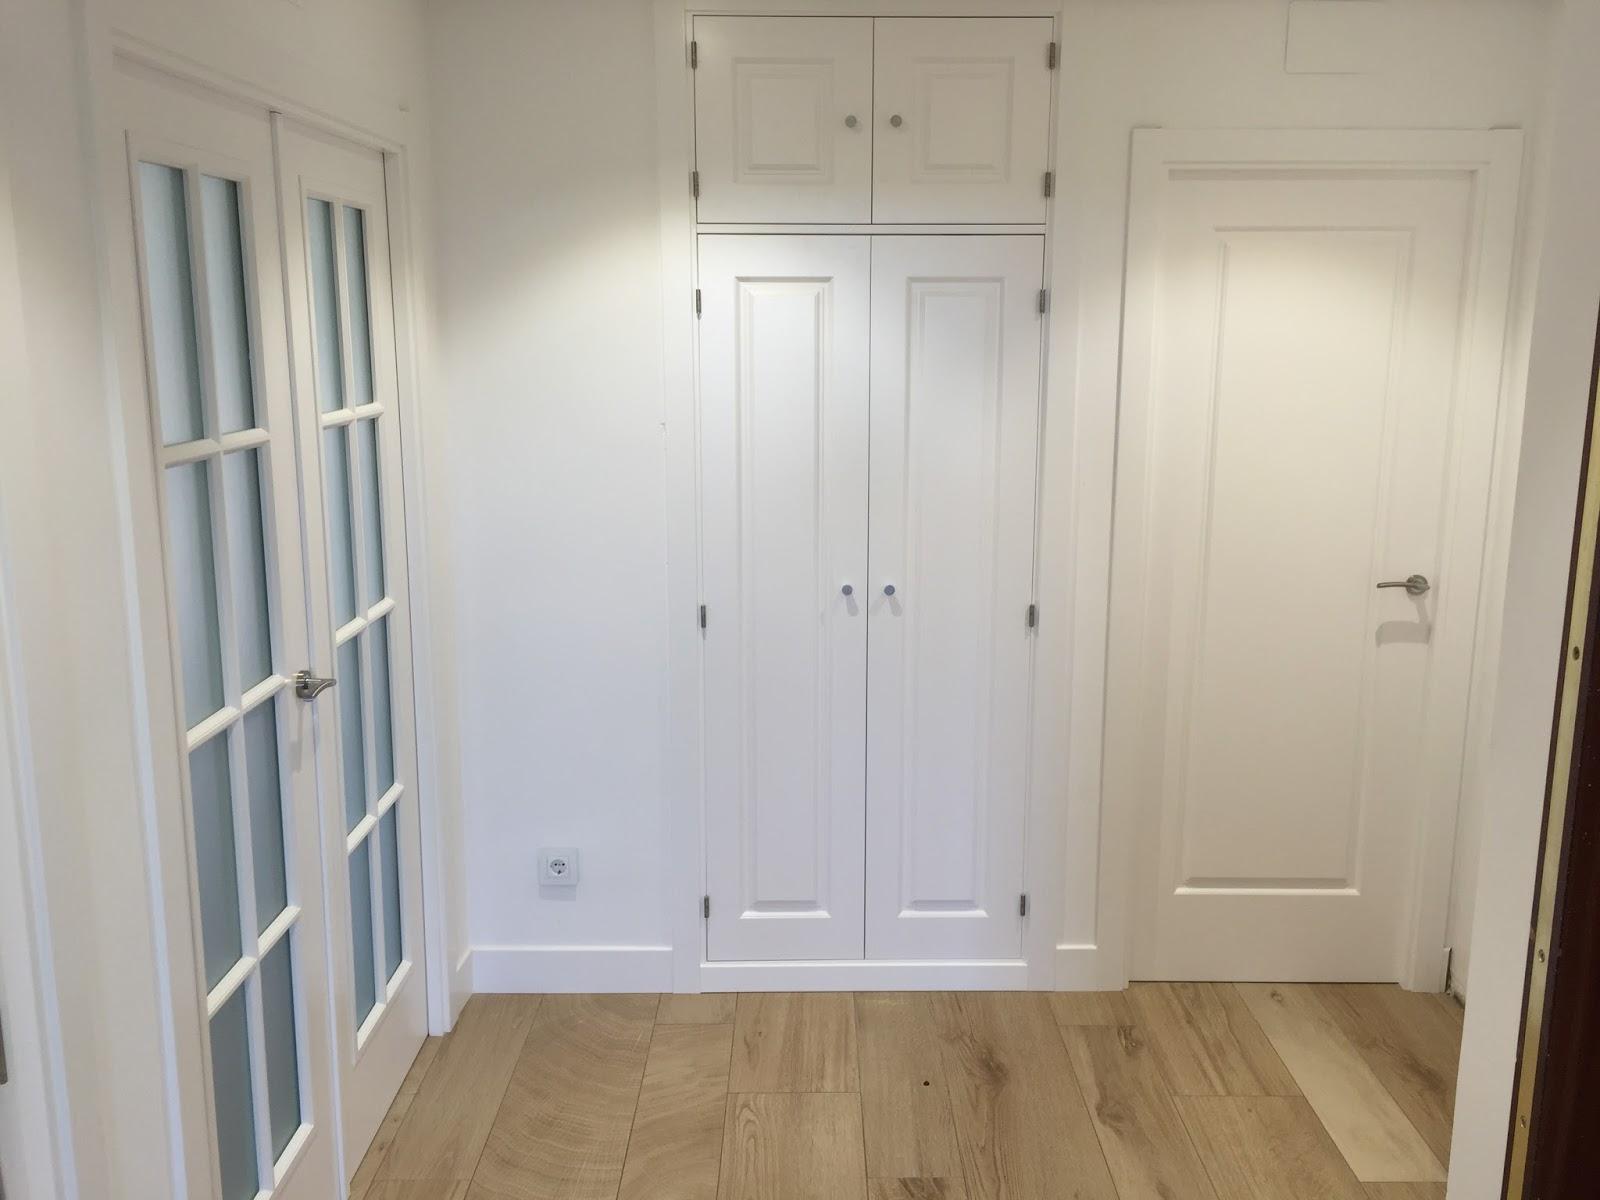 Puertas de interior lacadas karpinteria puertas - Puertas lacadas san rafael ...